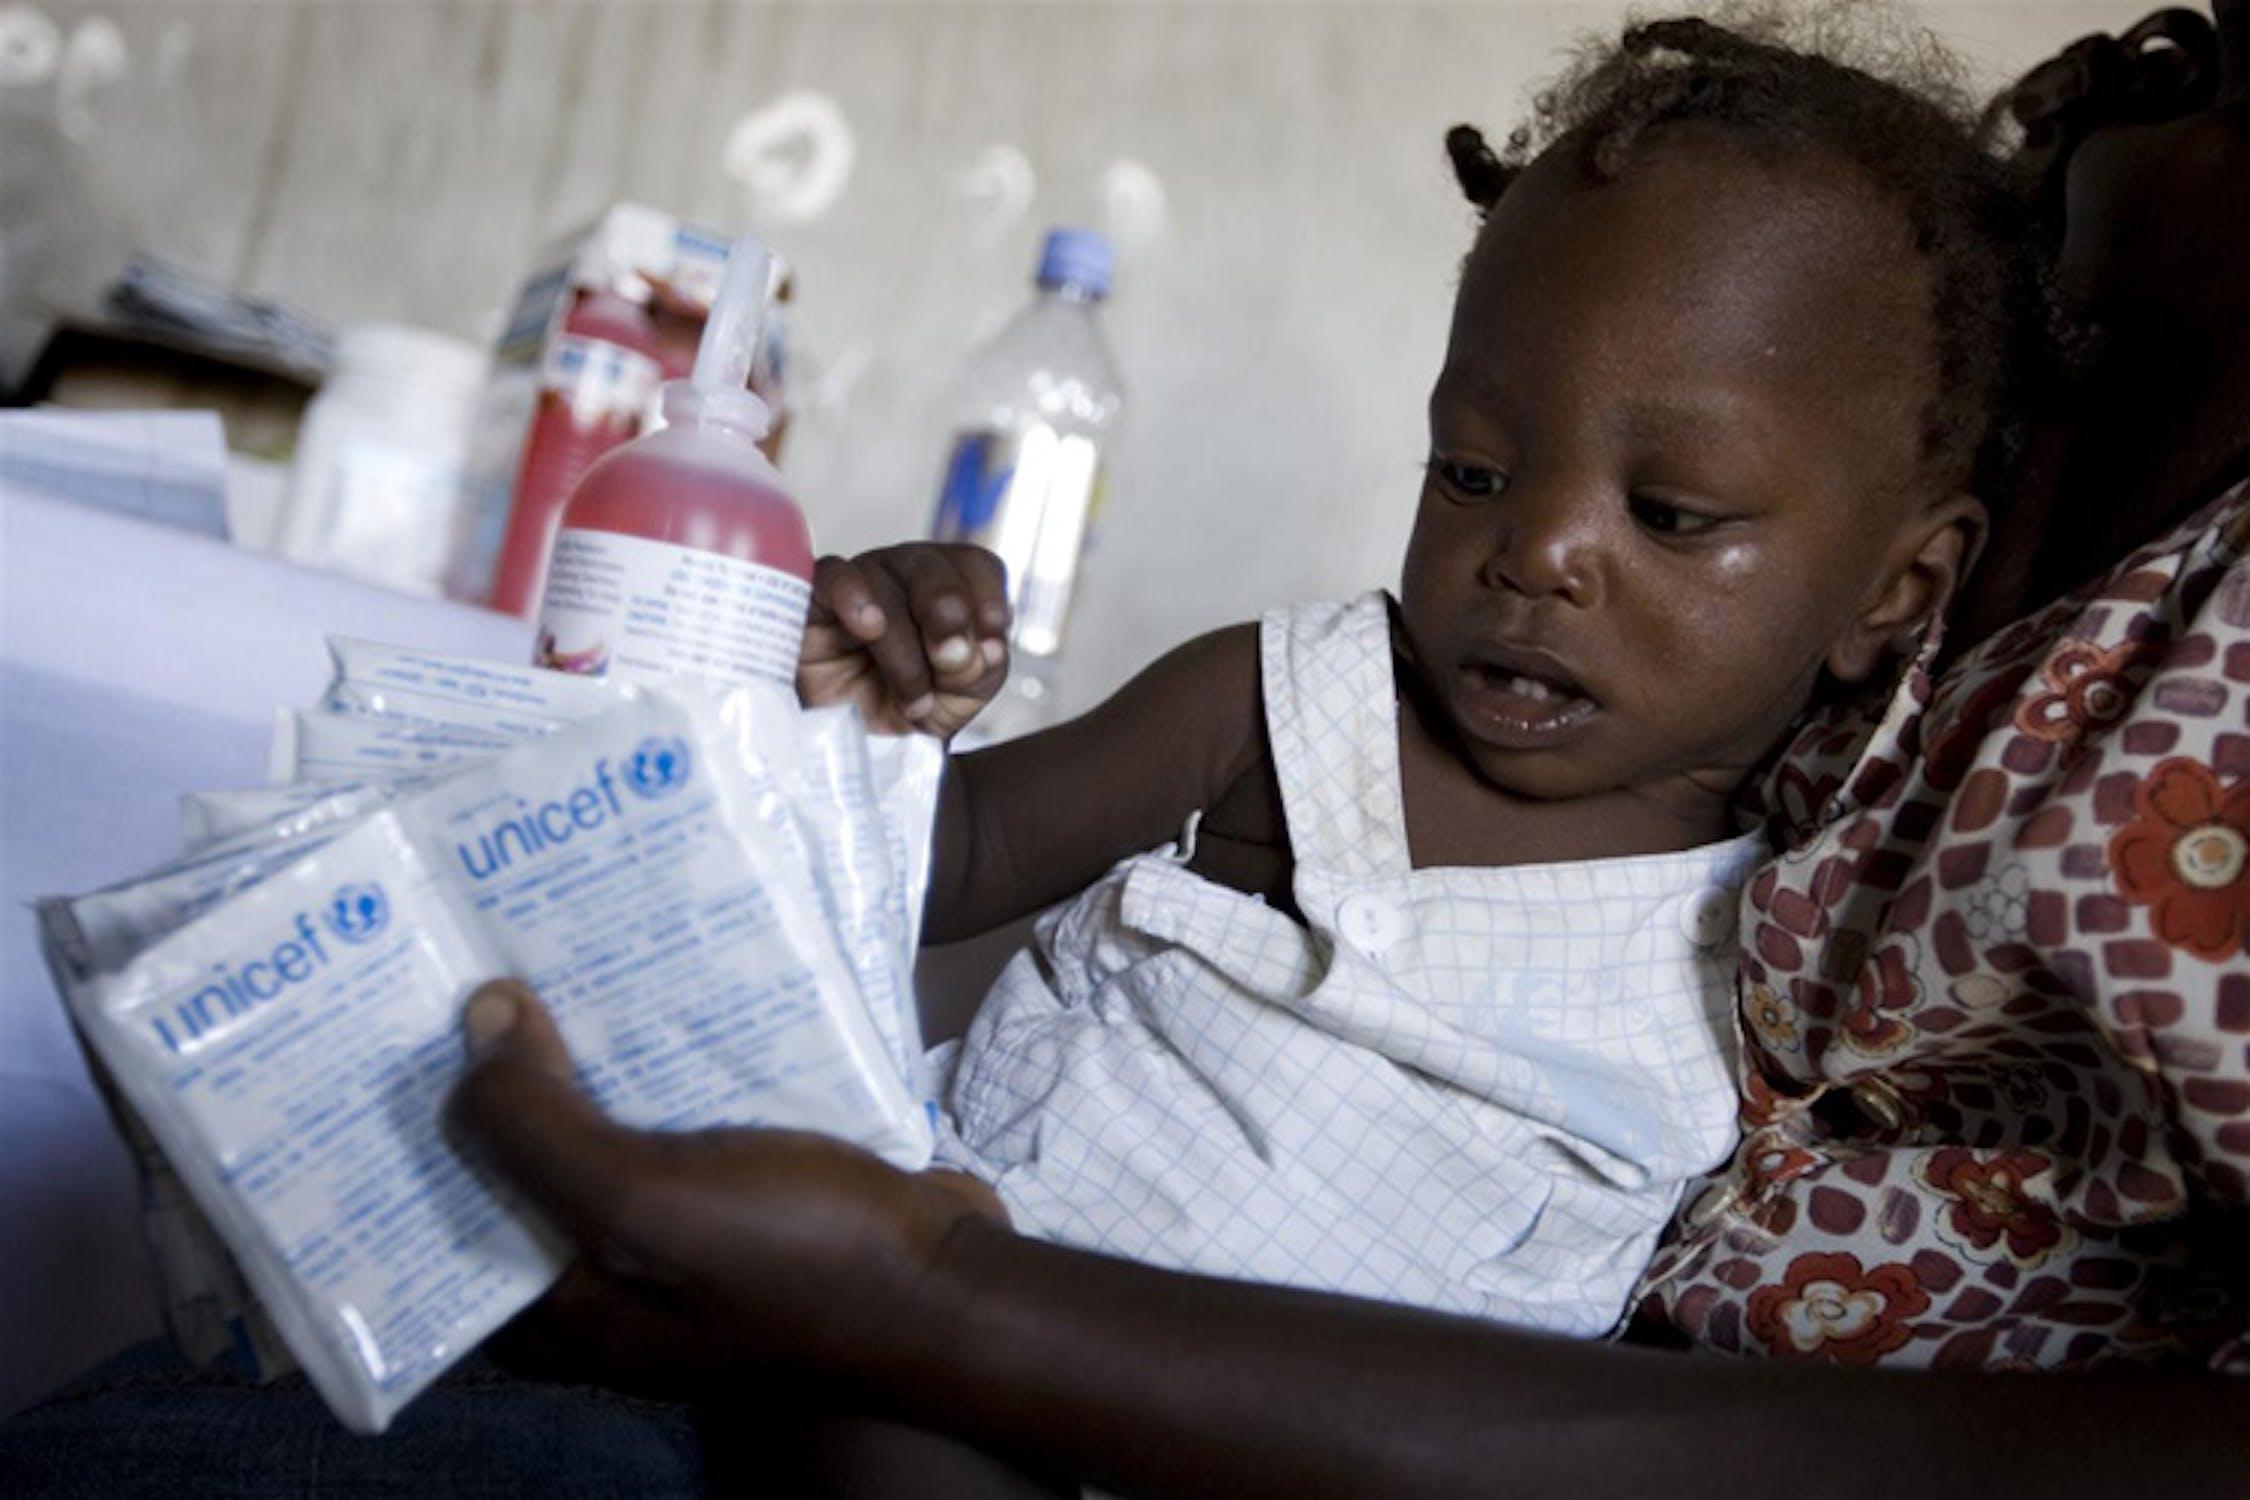 Una madre col suo bambino nell'accettazione dell'ospedale di Grand Dessalines, Haiti: nella sua mano, alcune bustine di sali reidratanti per contrastare la diarrea acutissima provocata dal colera